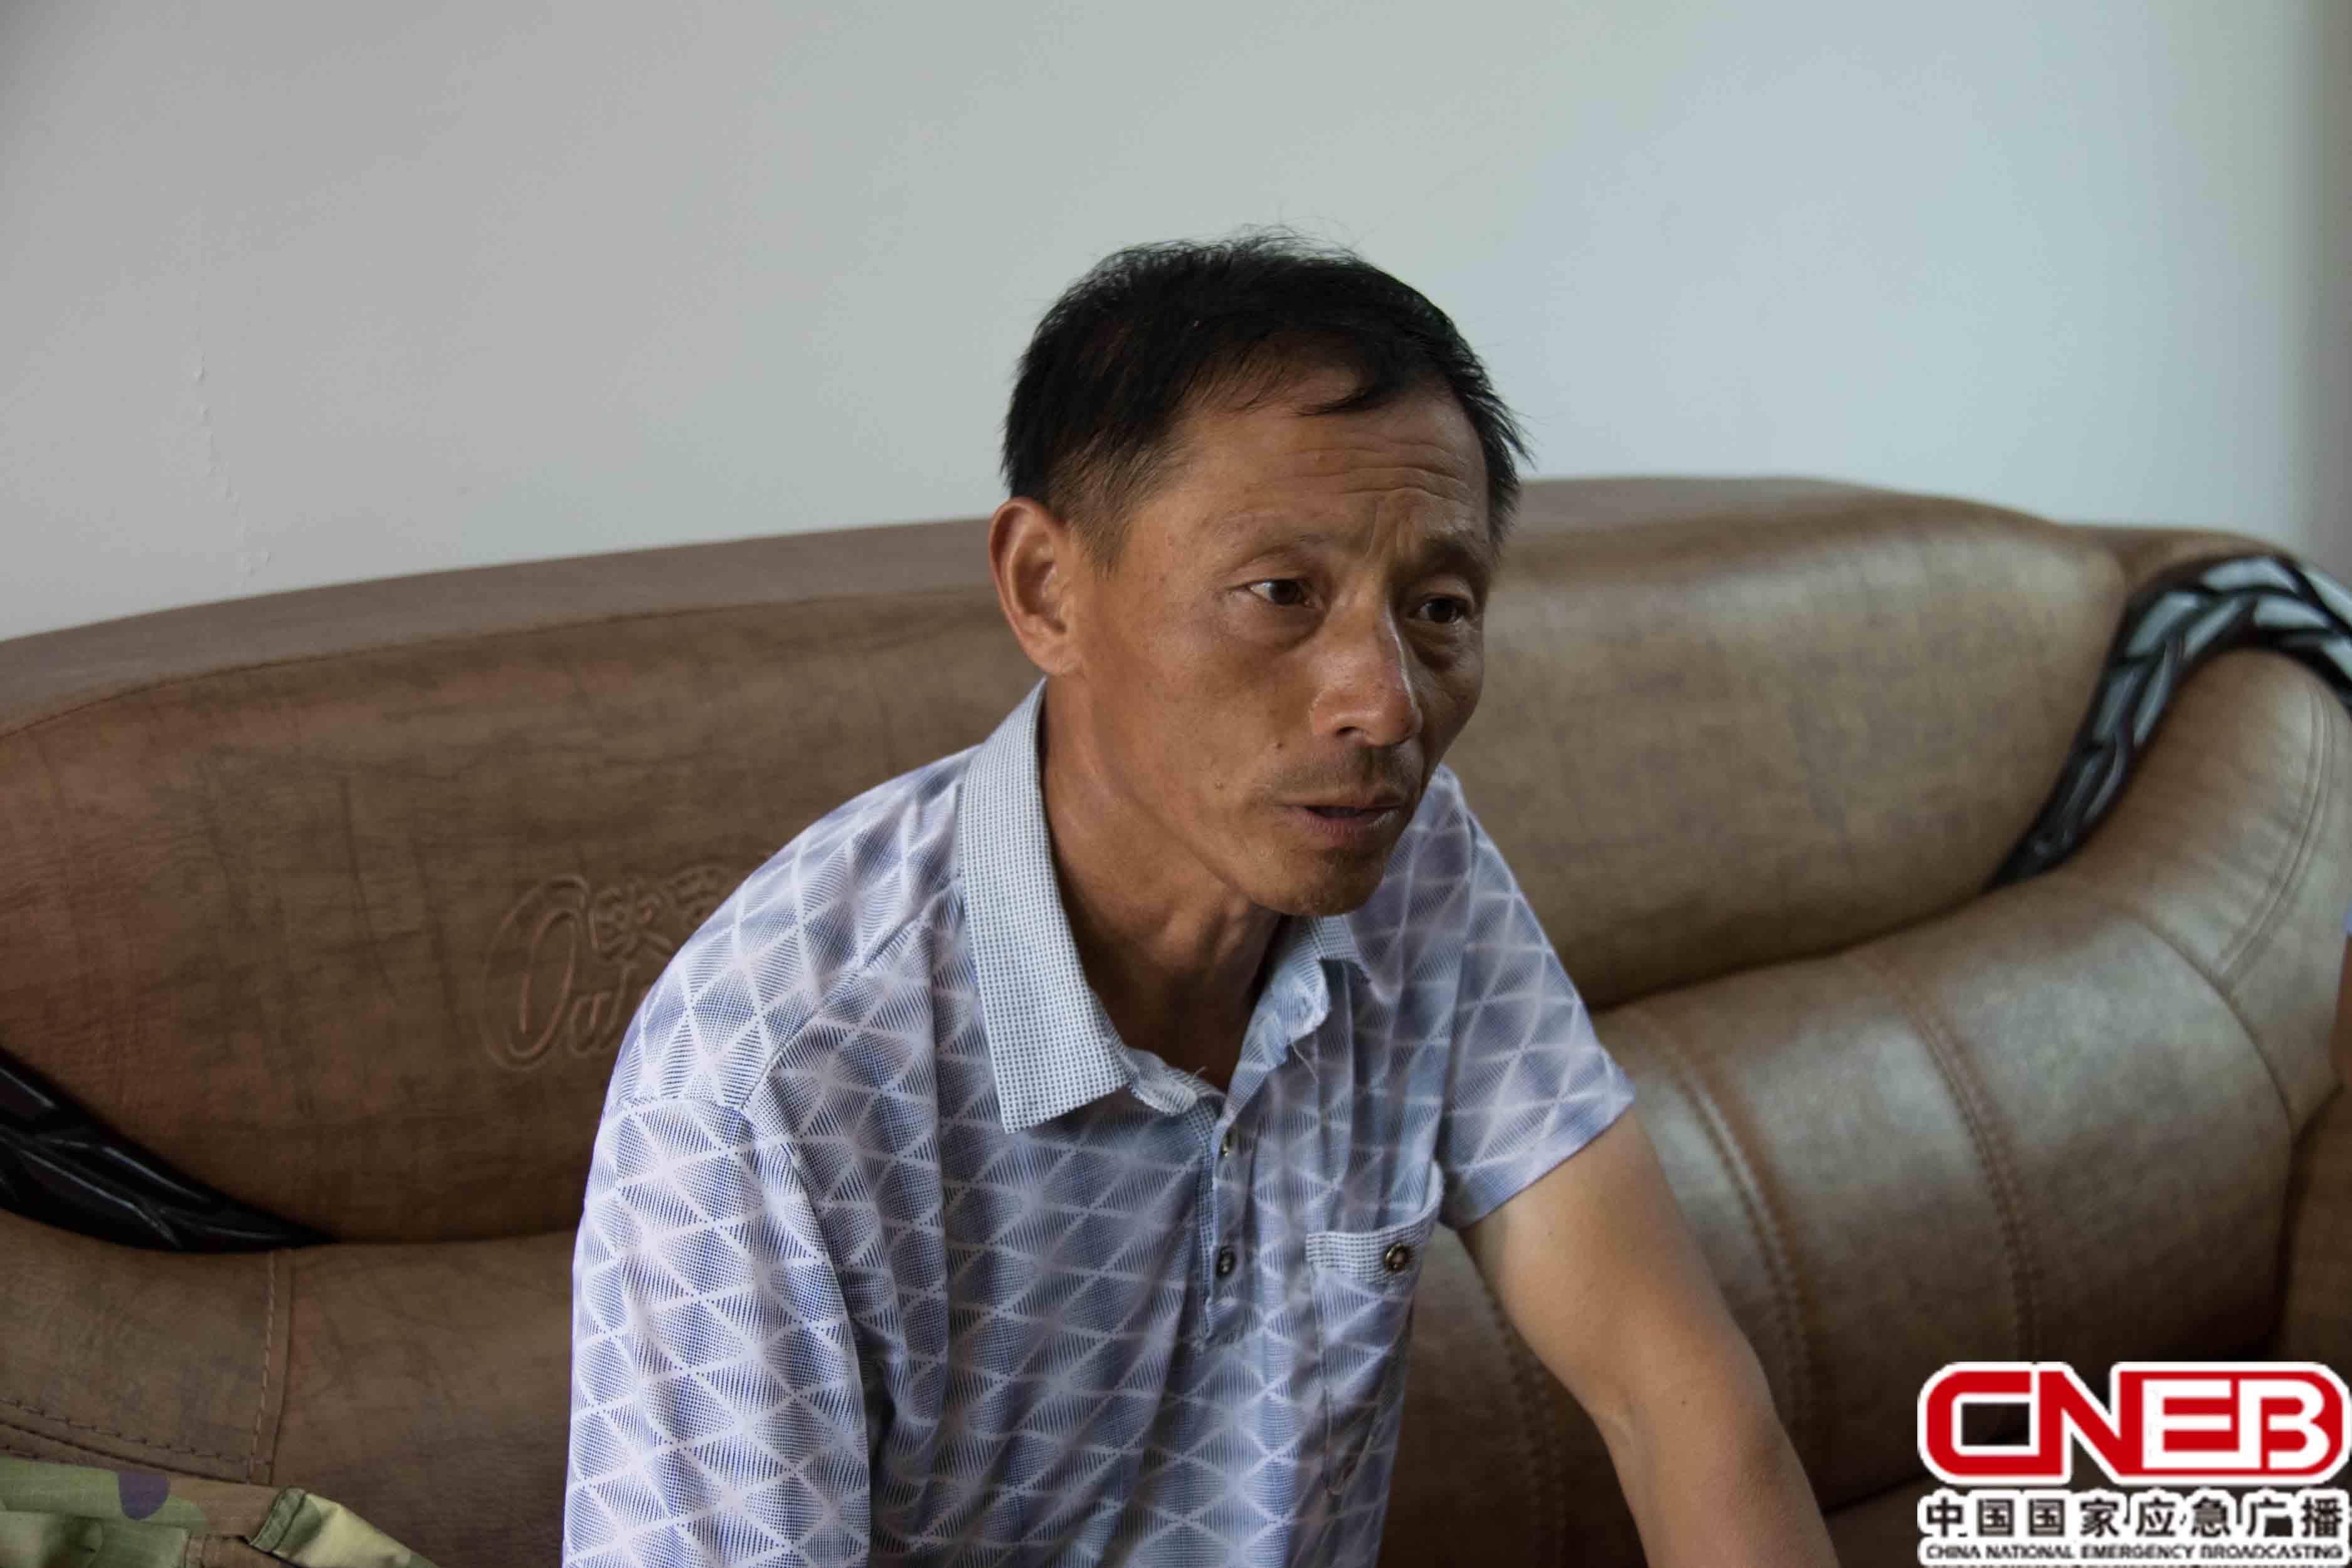 梧坊村村委会主任白树华(国家应急广播网记者王雨薇_摄)